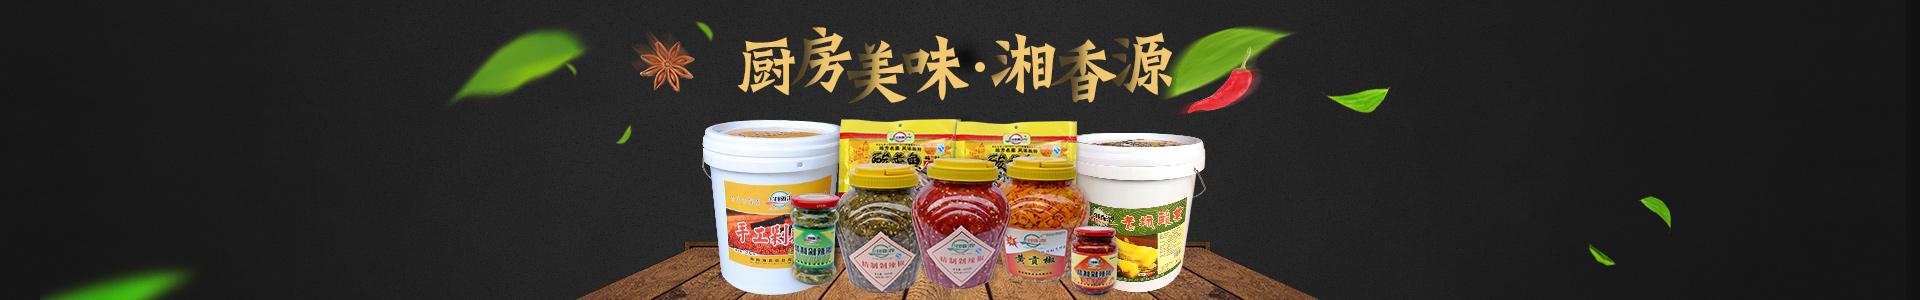 湖南万博manbetx官网食品有限公司_湖南食品|蔬菜休闲素食销售|万博manbetx官网系列加工